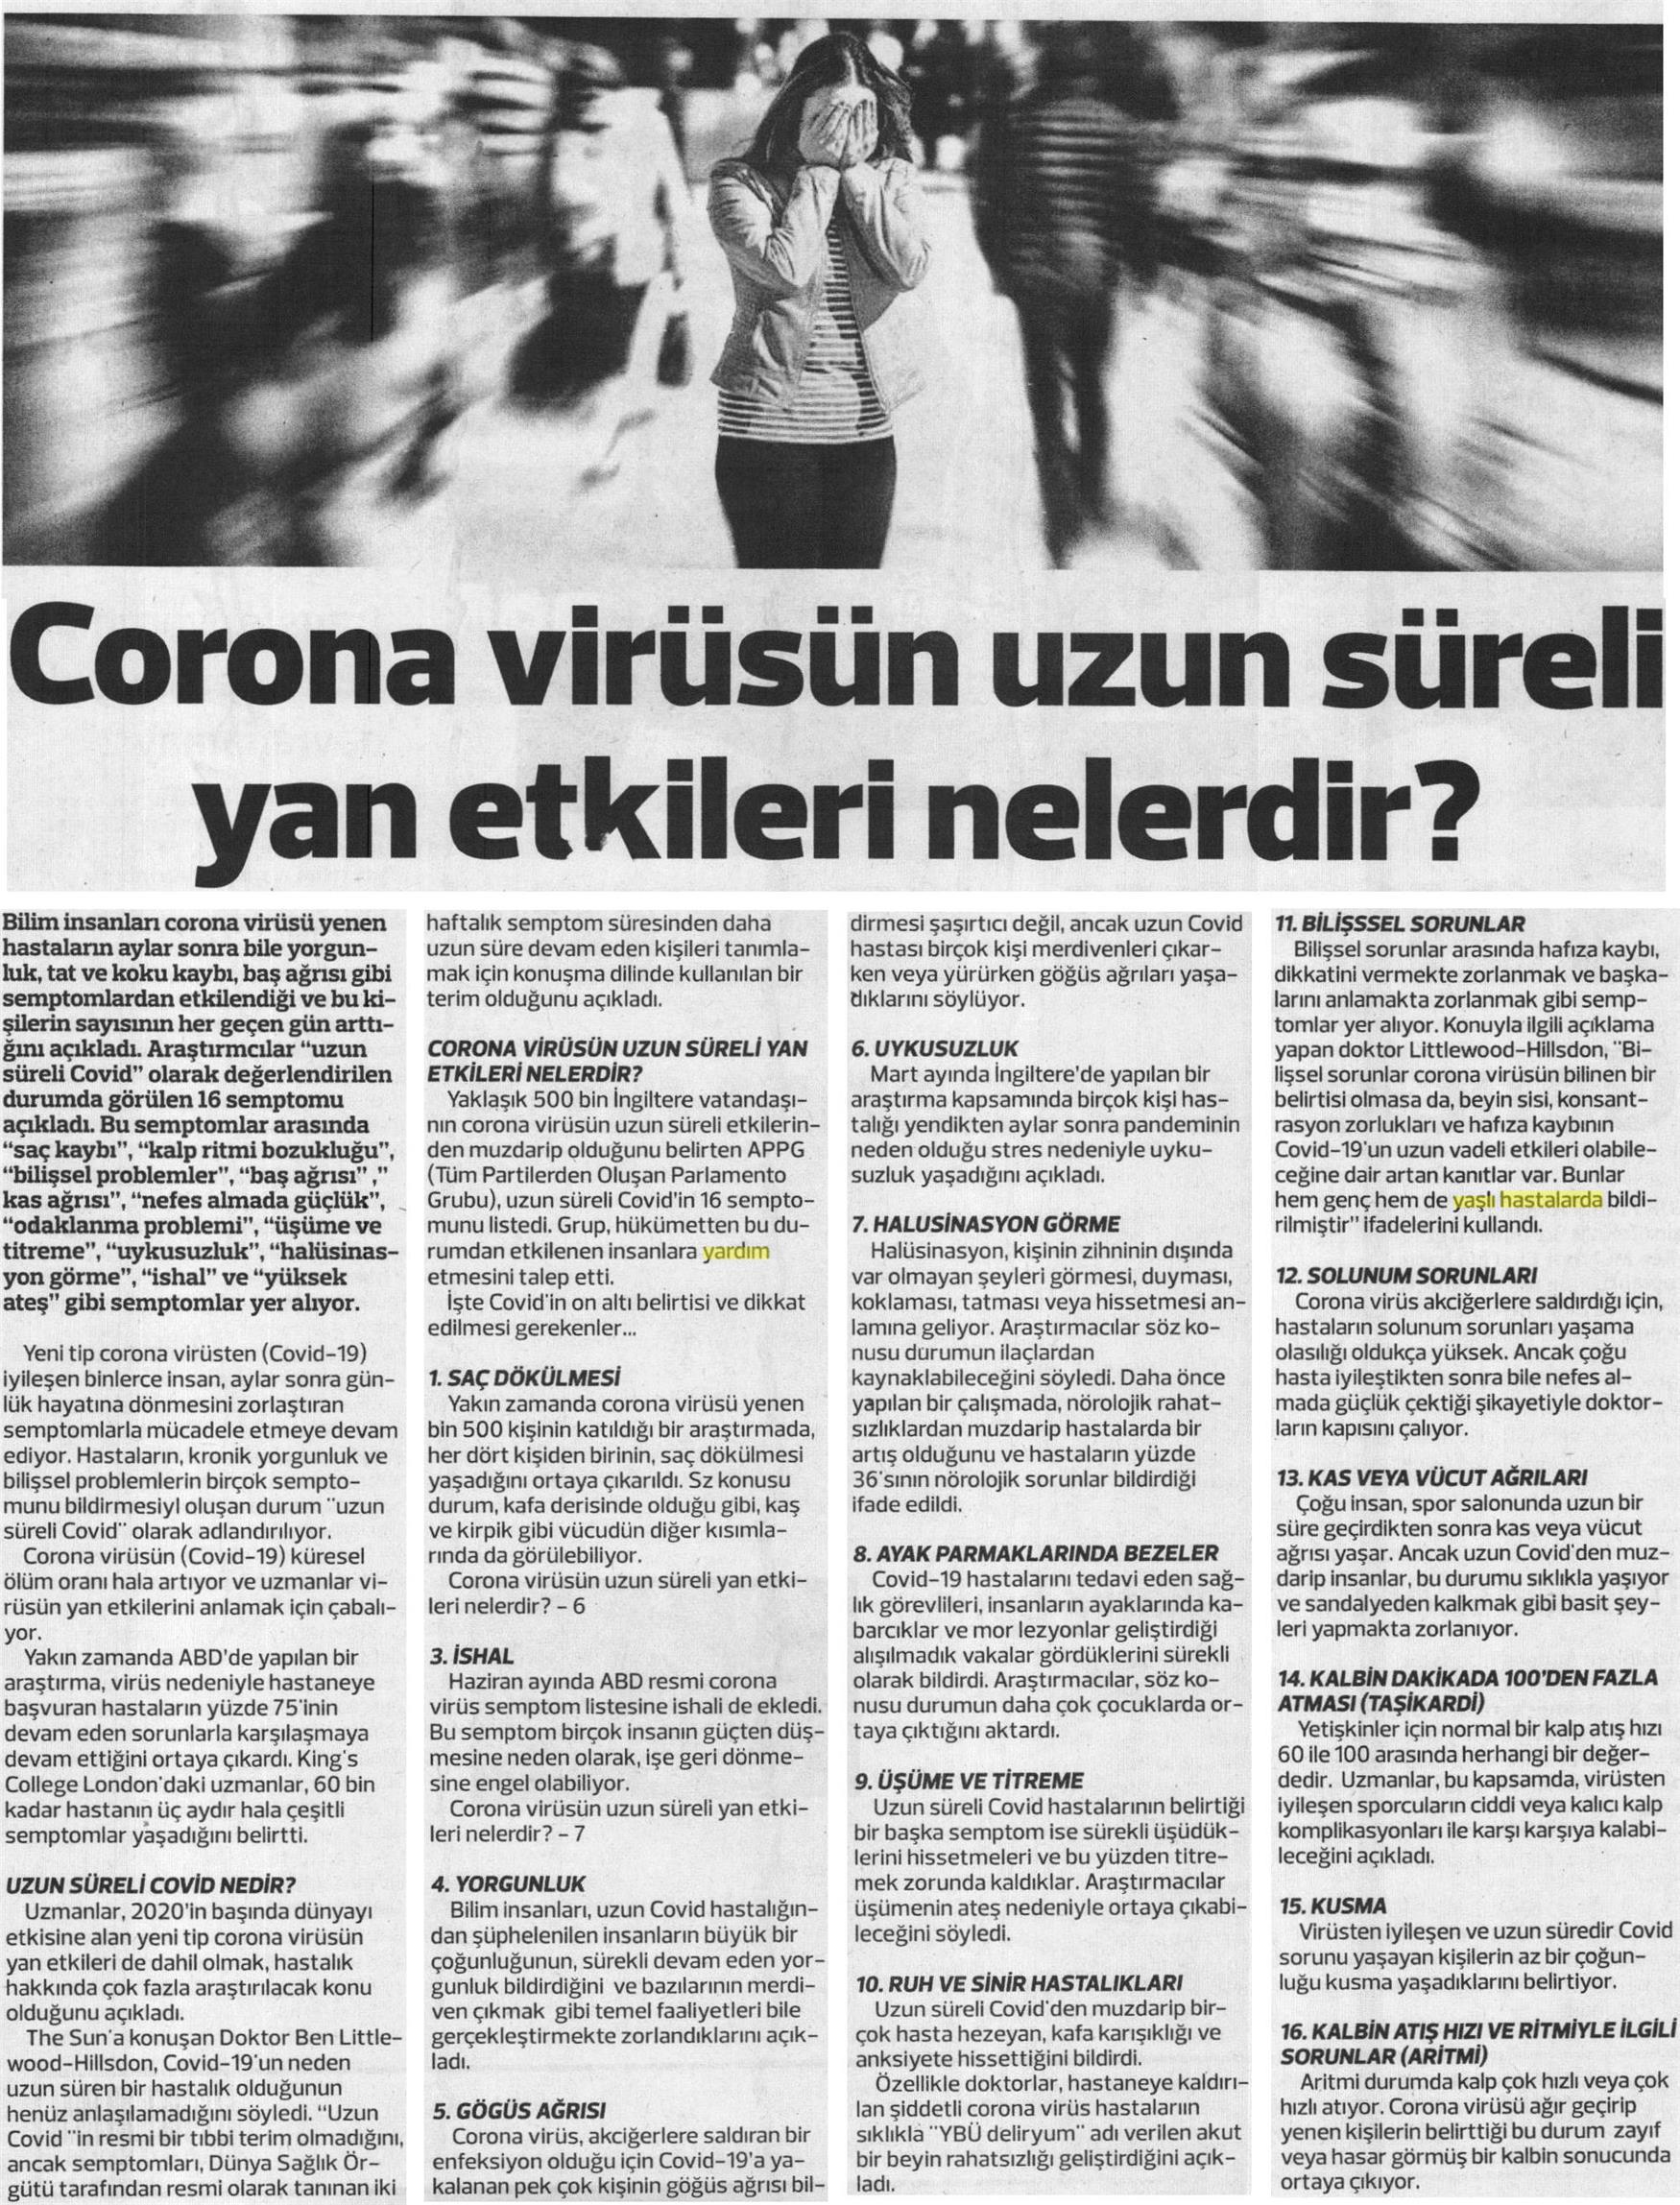 Corona Virüsün Uzun Süreli Yan Etkileri